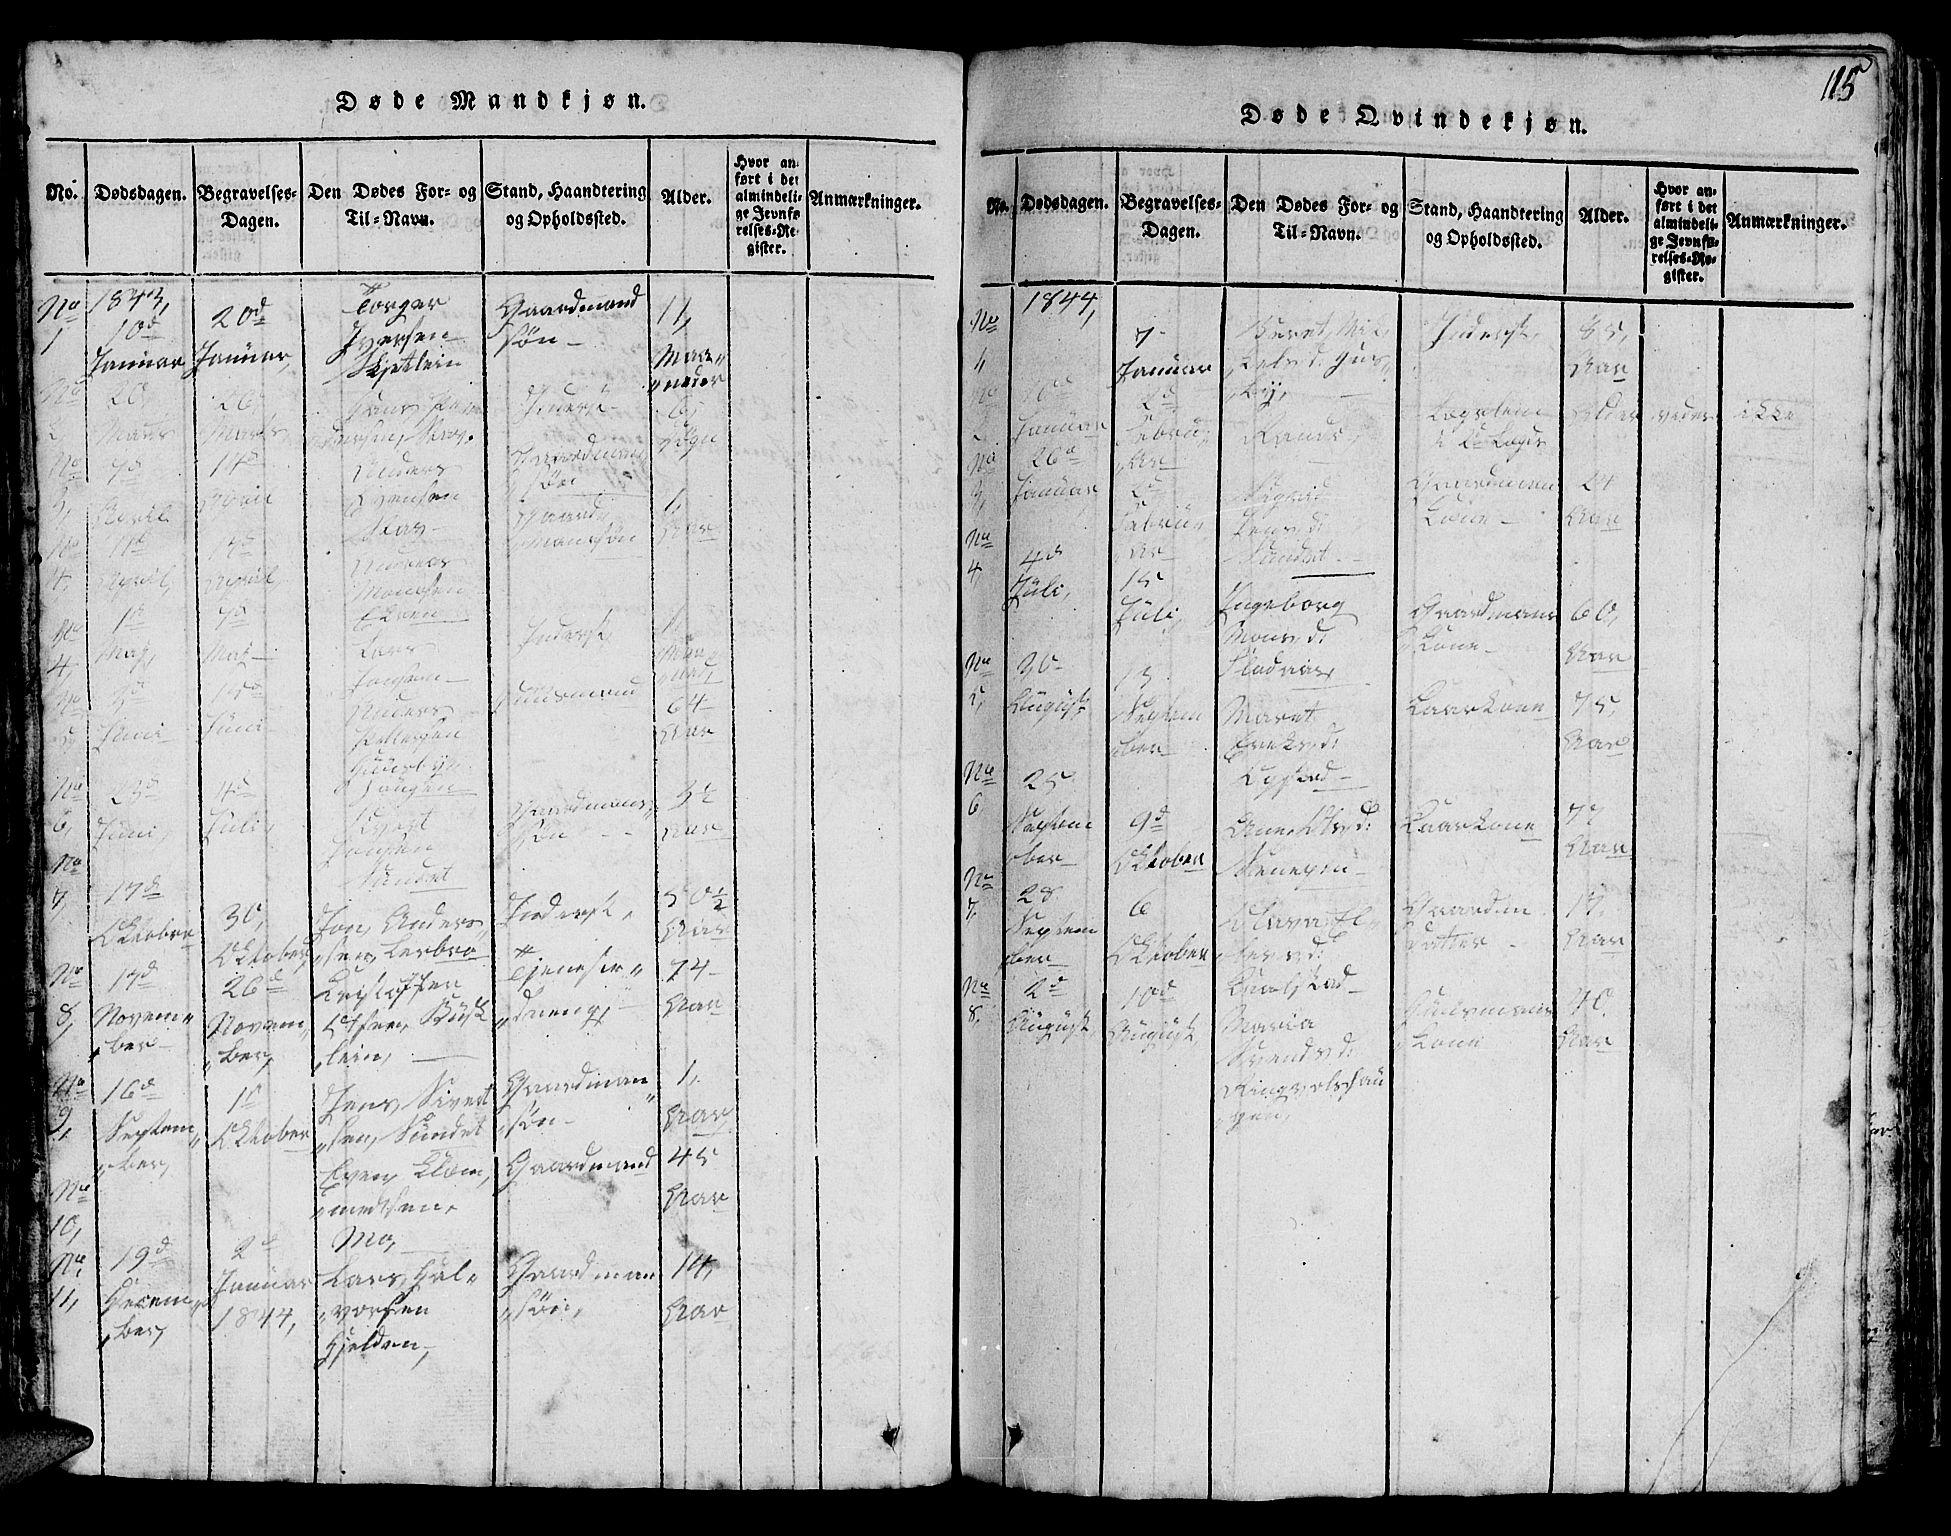 SAT, Ministerialprotokoller, klokkerbøker og fødselsregistre - Sør-Trøndelag, 613/L0393: Klokkerbok nr. 613C01, 1816-1886, s. 115